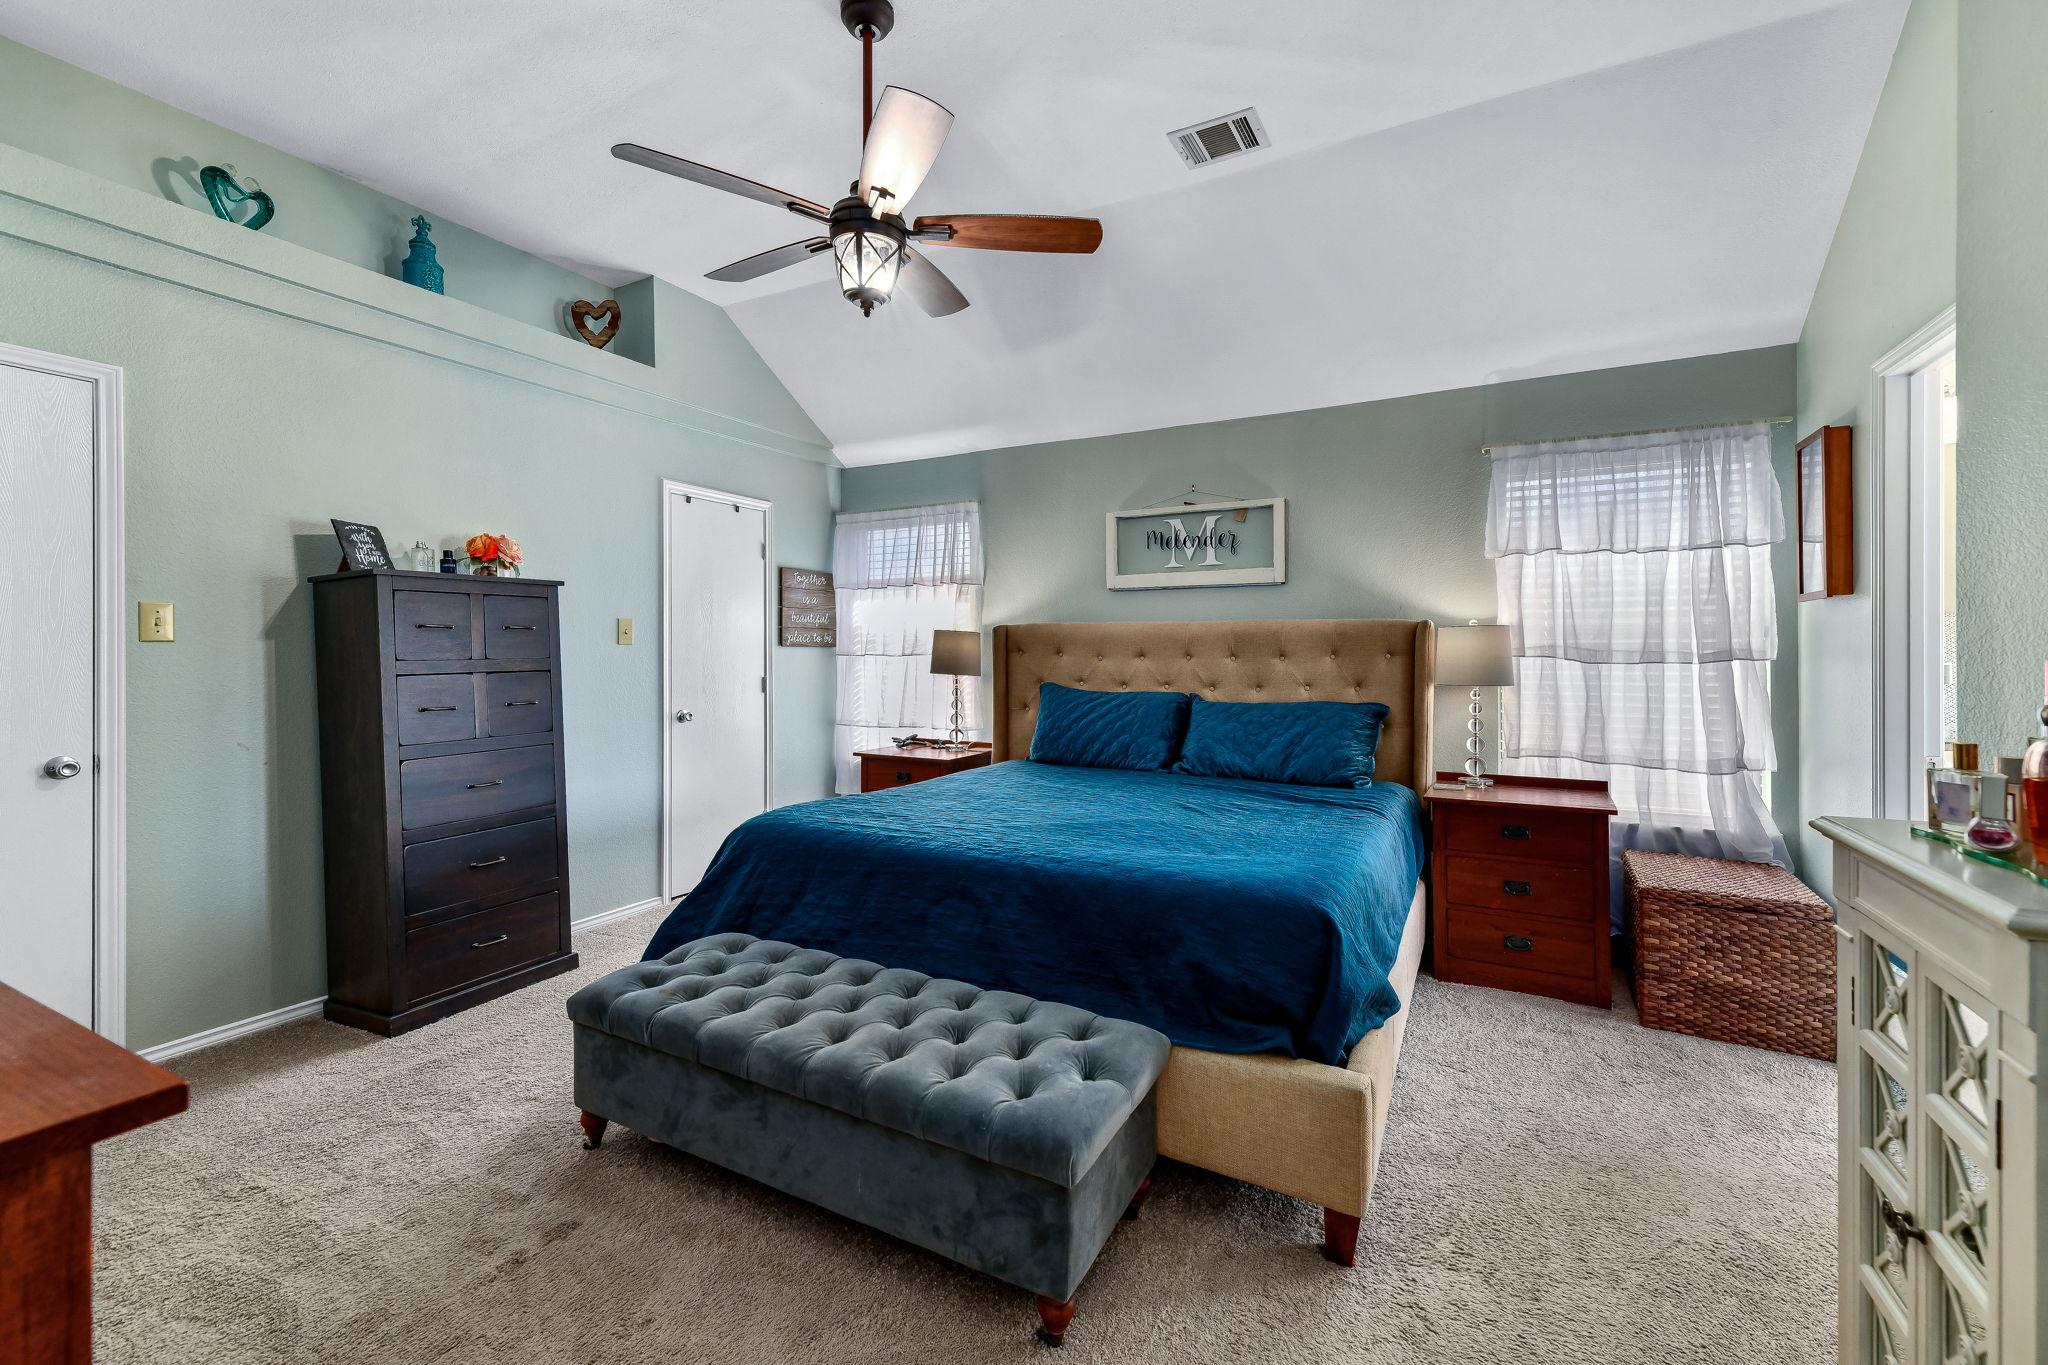 019-Master Bedroom-FULL